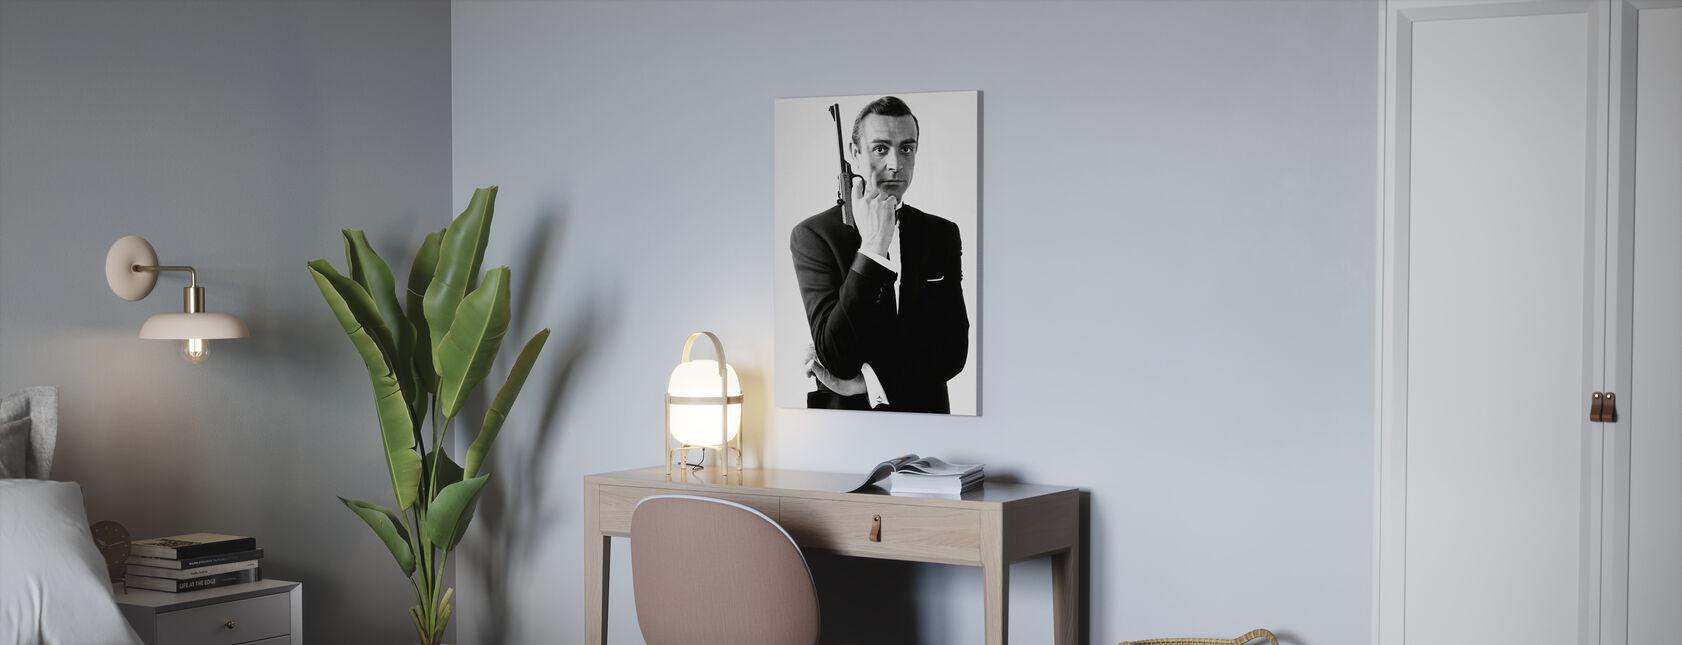 James Bond Dr nr - Canvastavla - Kontor